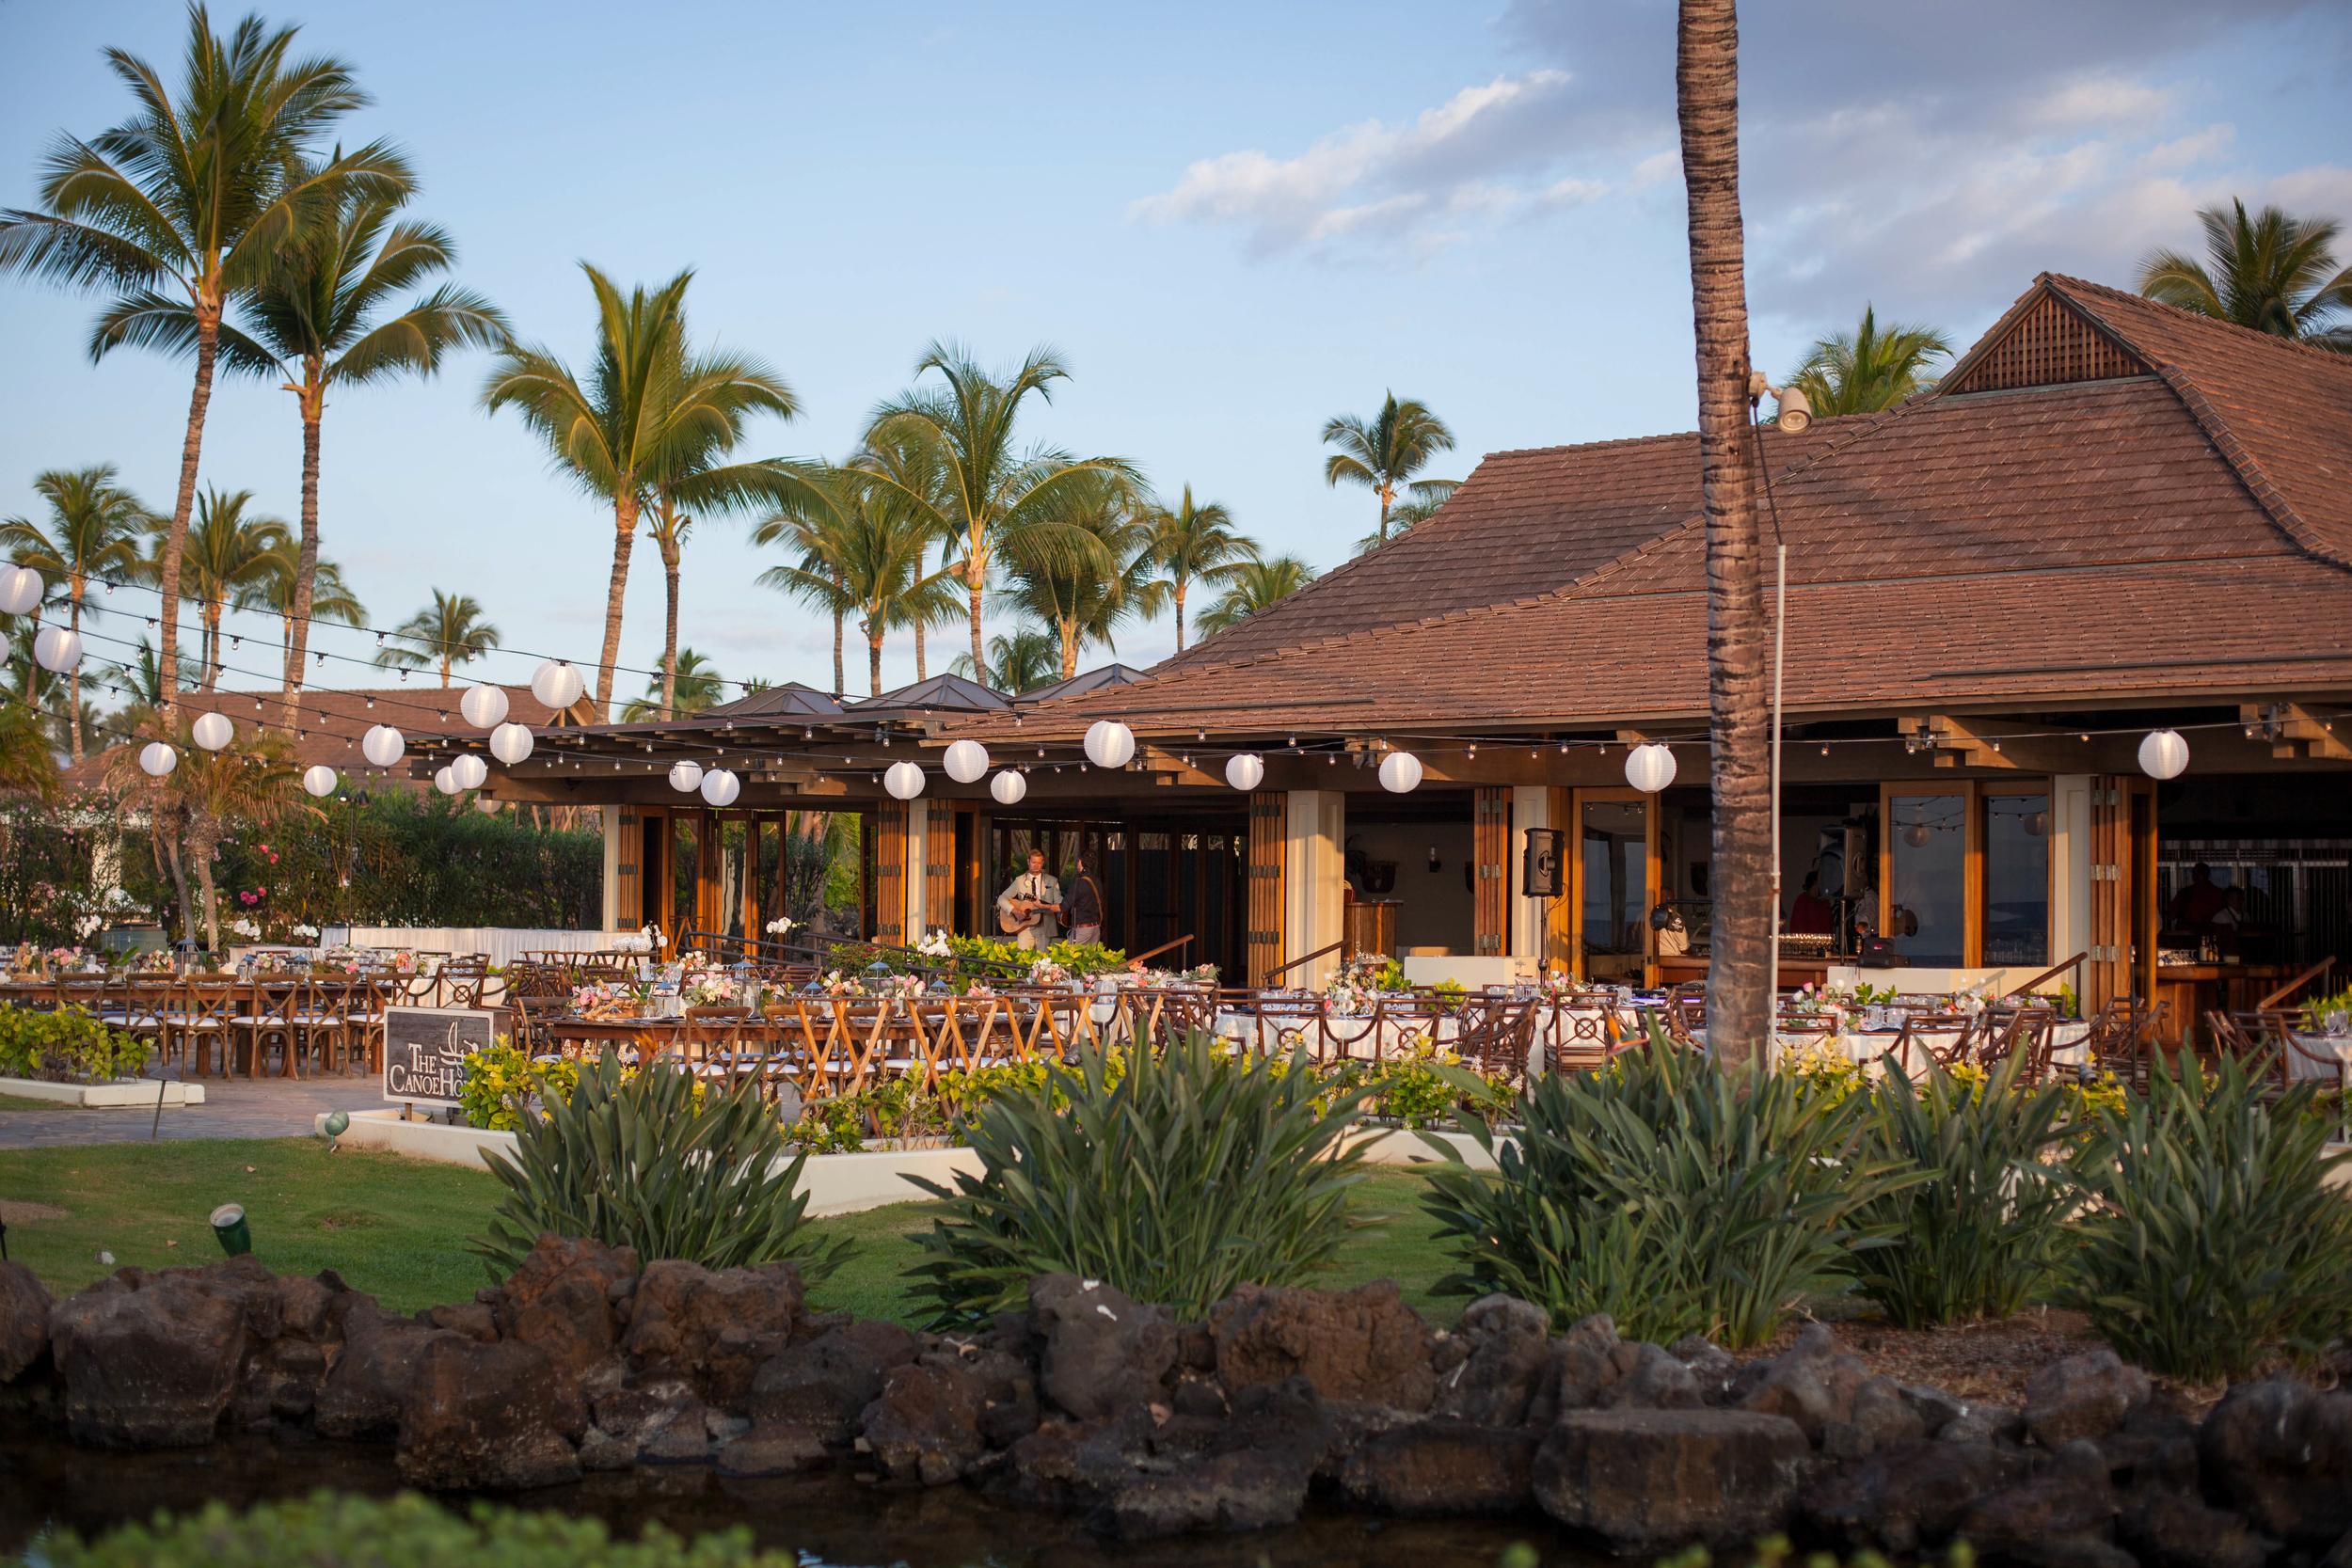 big island hawaii mauna lani resort wedding © kelilina photography 20160131173651-1.jpg